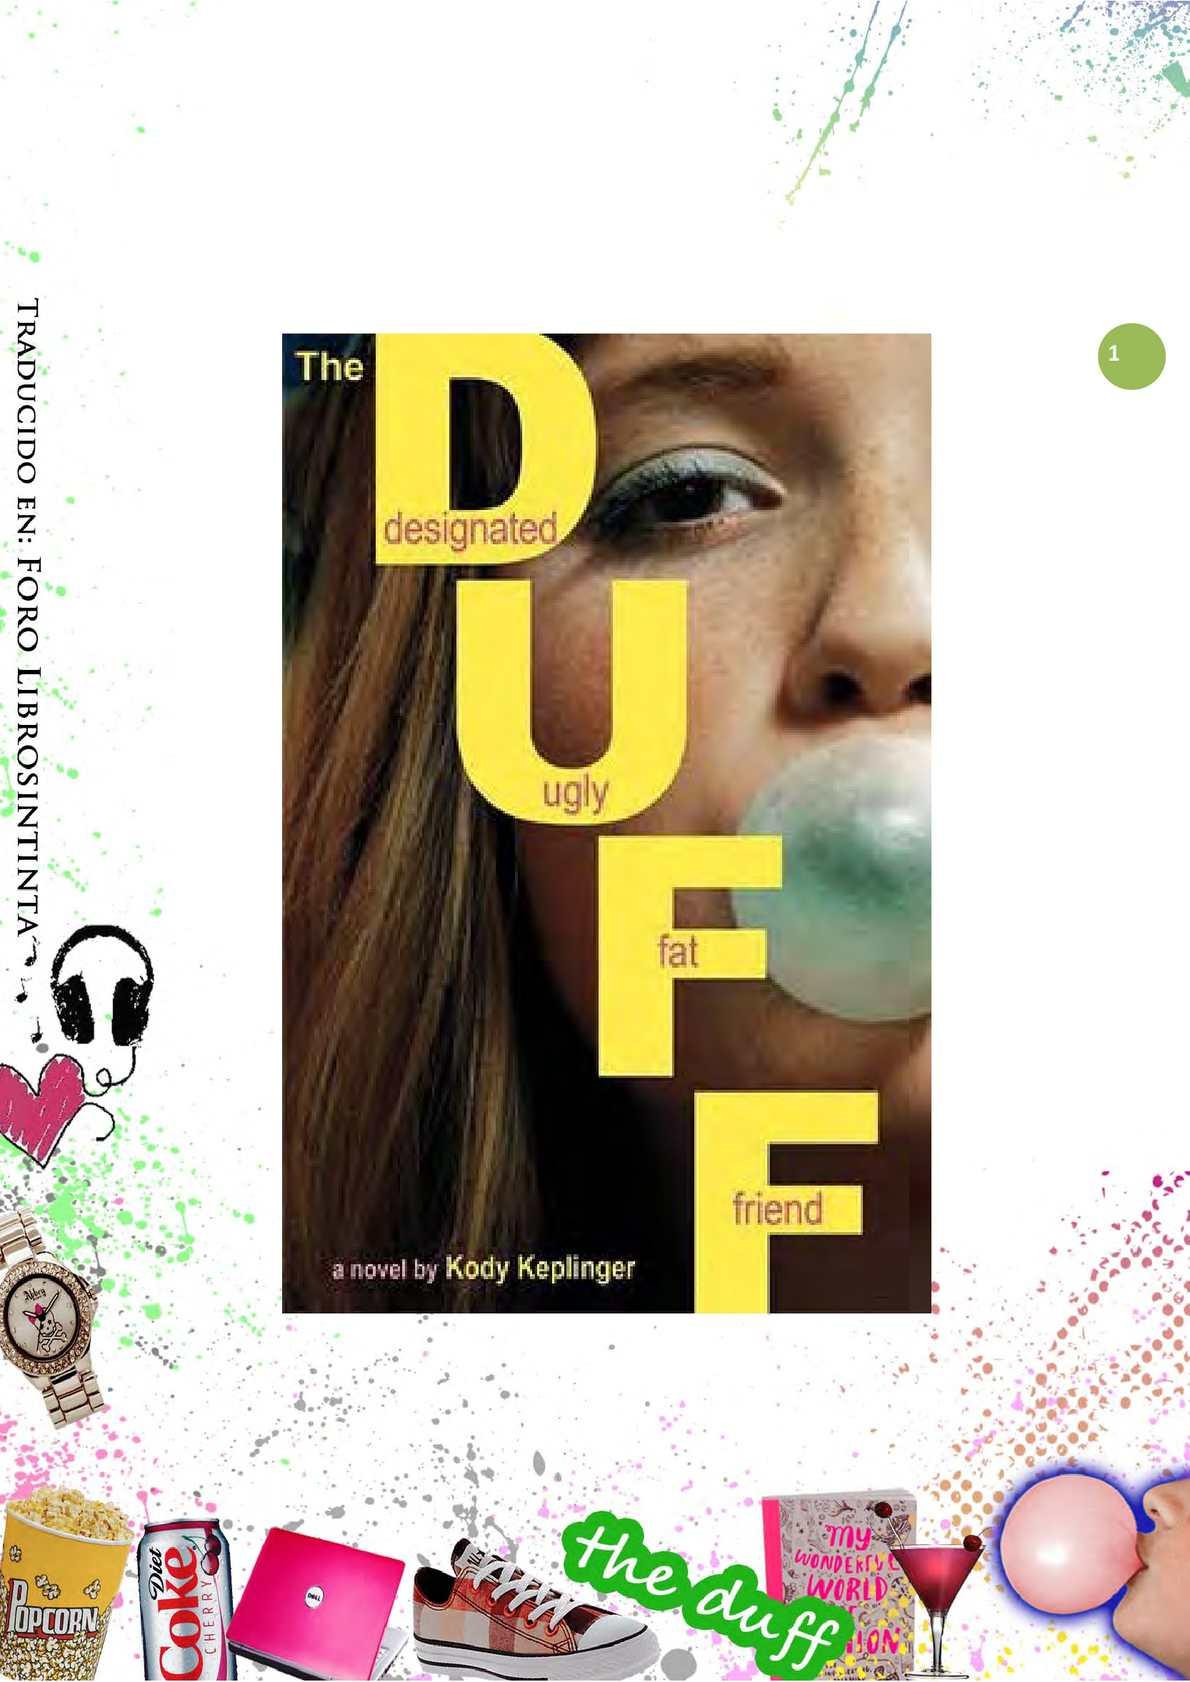 15a1cdc0f Calaméo - The Duff